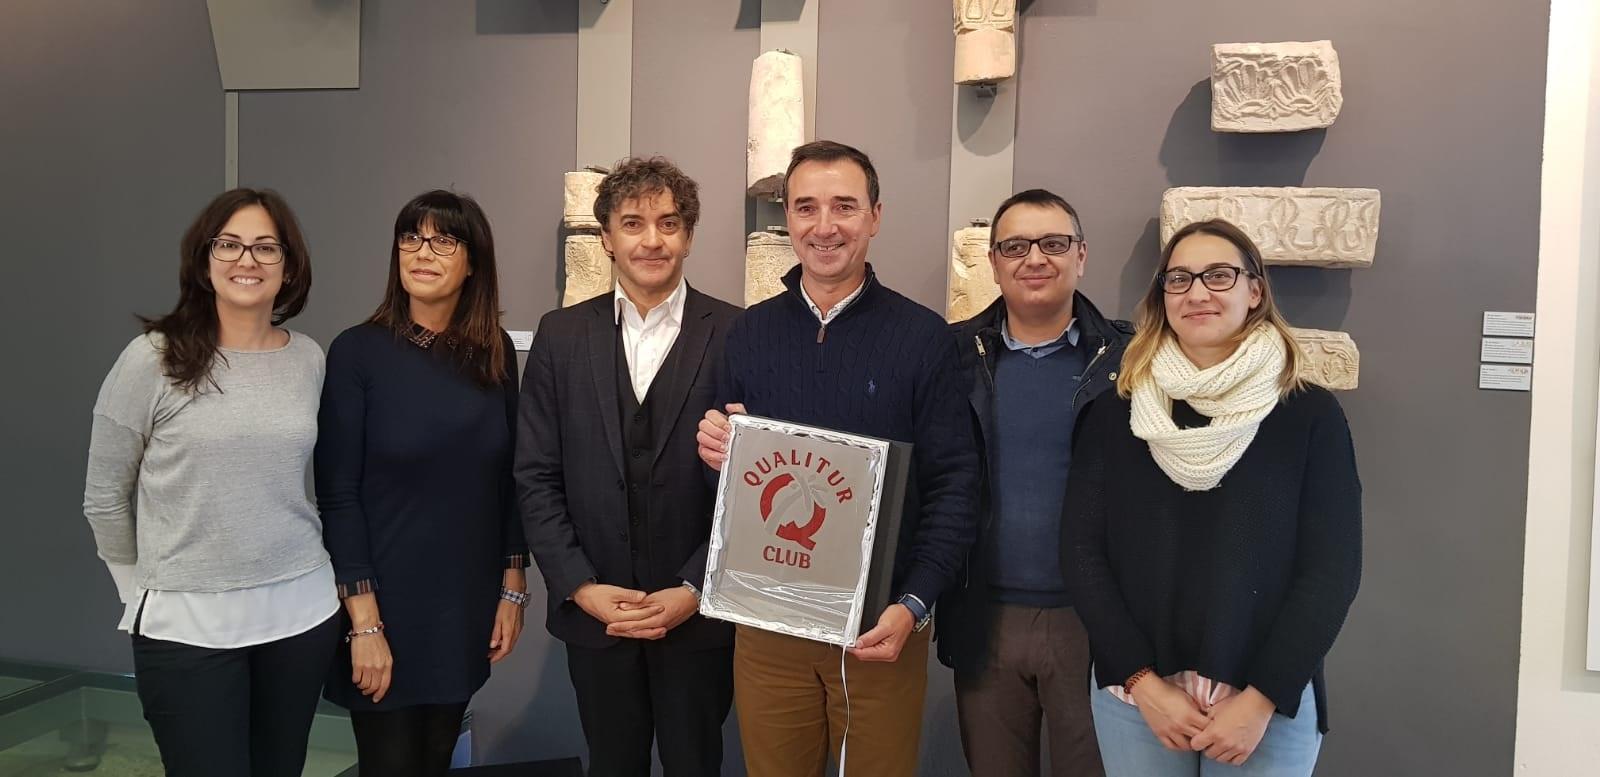 El secretario autonómico de Turisme, Francesc Colomer, ha entregado en Riba-roja de Túria la Q de Calidad Turística al Mupla-Museo Visigodo de Pla de Nadal de la localidad.